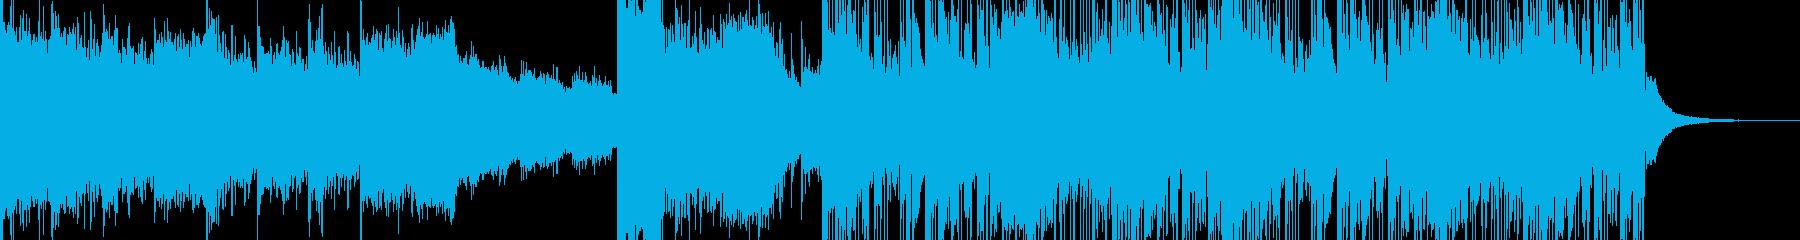 【トラップ】バトルシーンに合うビートの再生済みの波形